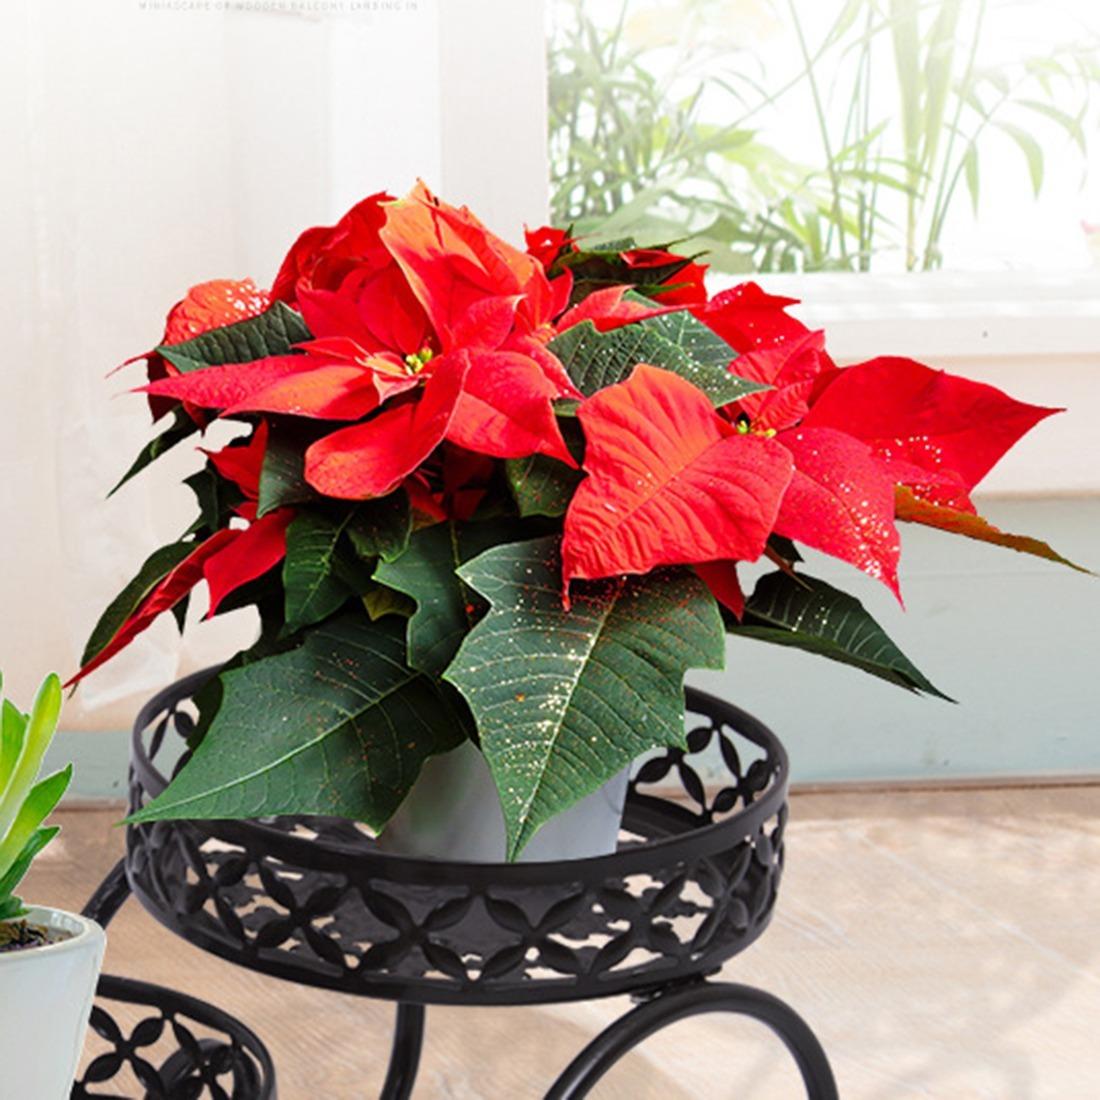 ◆最安にします◆ 掘り出し物 フラワーポットスタンド 植木鉢 観葉植物 多肉植物 庭のDIY AT10283_画像3